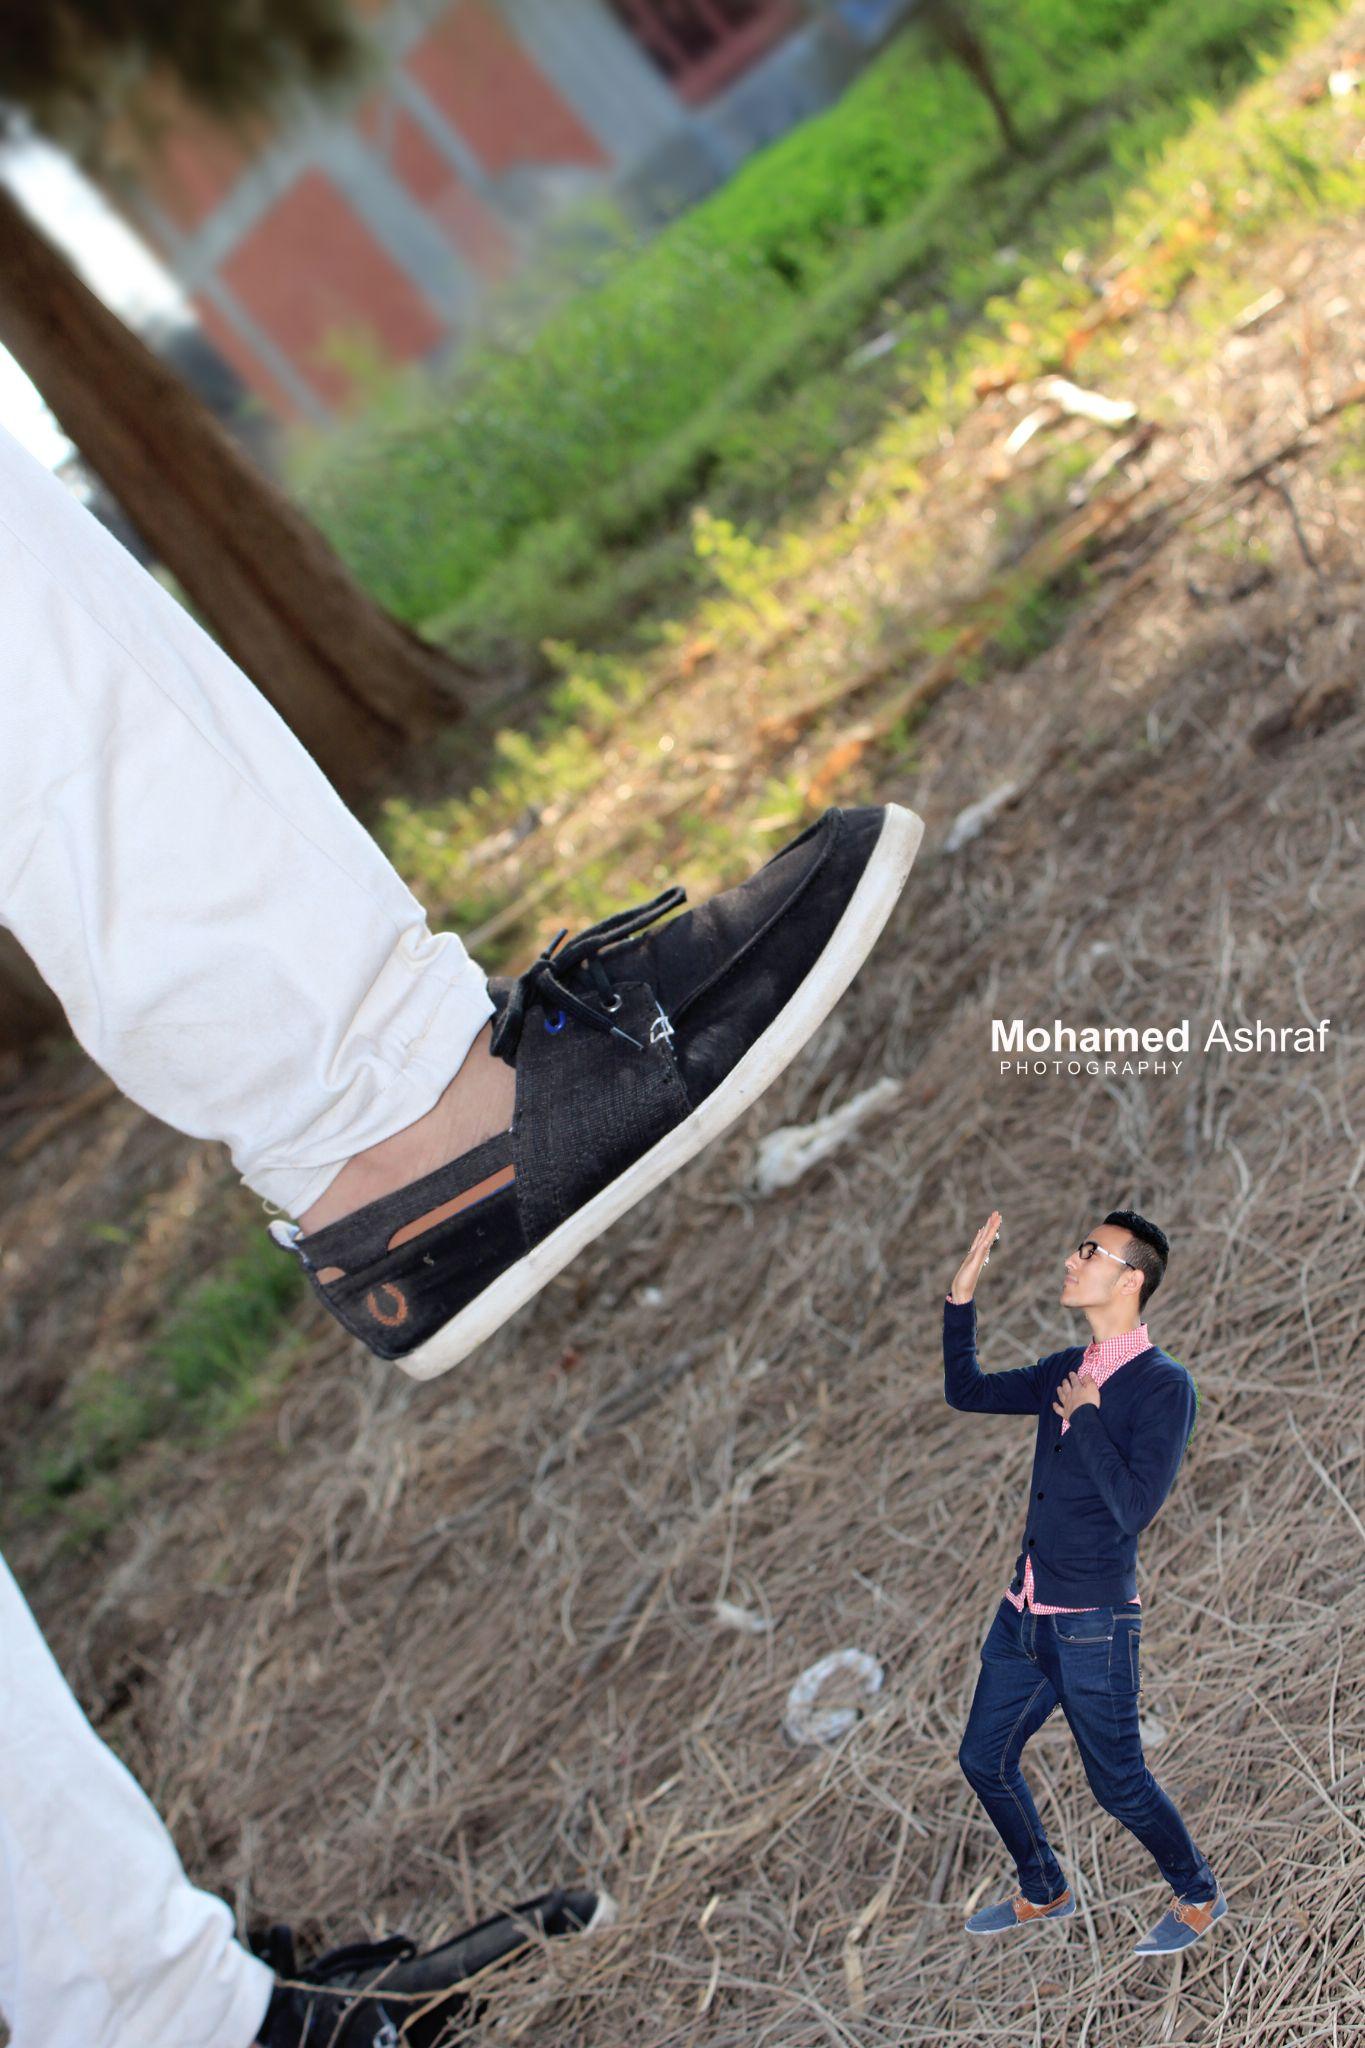 IMG_3971 copy by Mohamed Ashraf